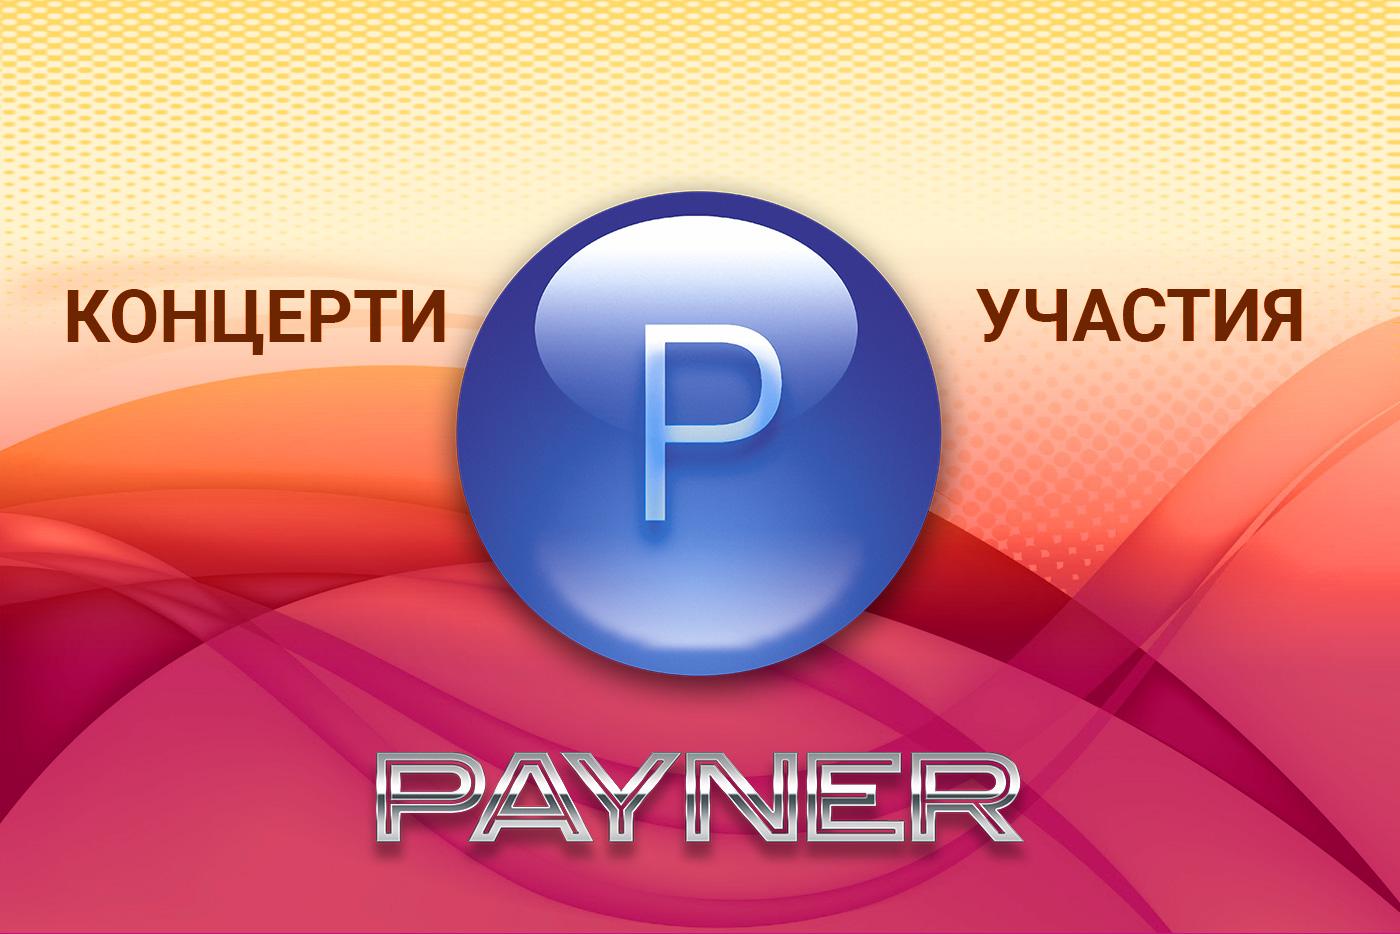 """Участия на звездите на """"Пайнер"""" на 23.03.2019"""